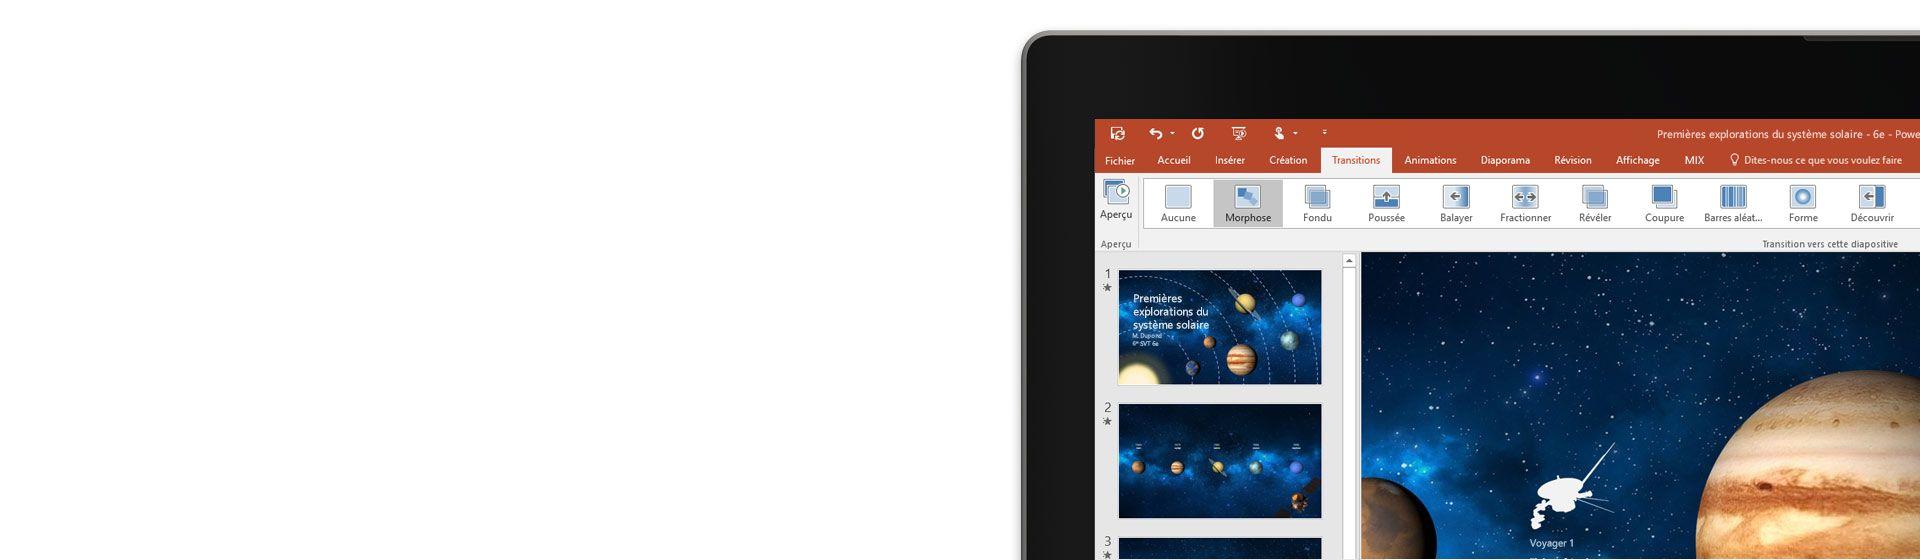 Angle d'écran d'ordinateur portable affichant une présentation PowerPoint concernant l'exploration du système solaire